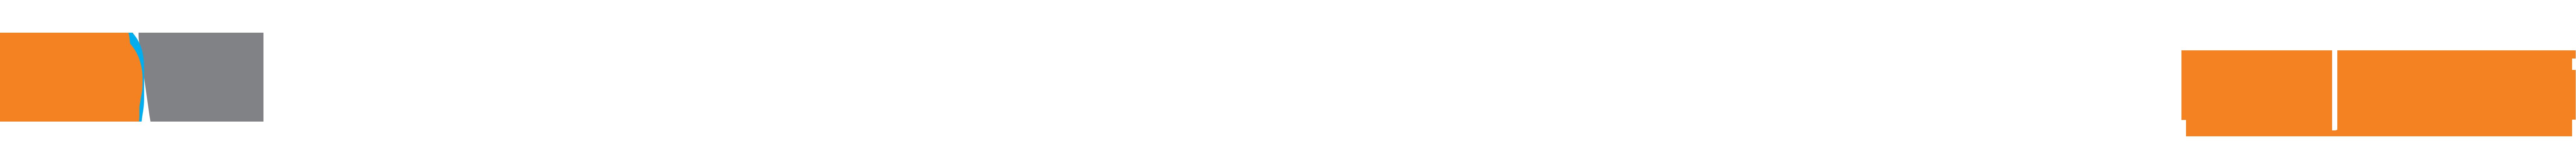 TechBud – Hurtownia budowlana Słupsk - Hurtownia budowlana Słupsk